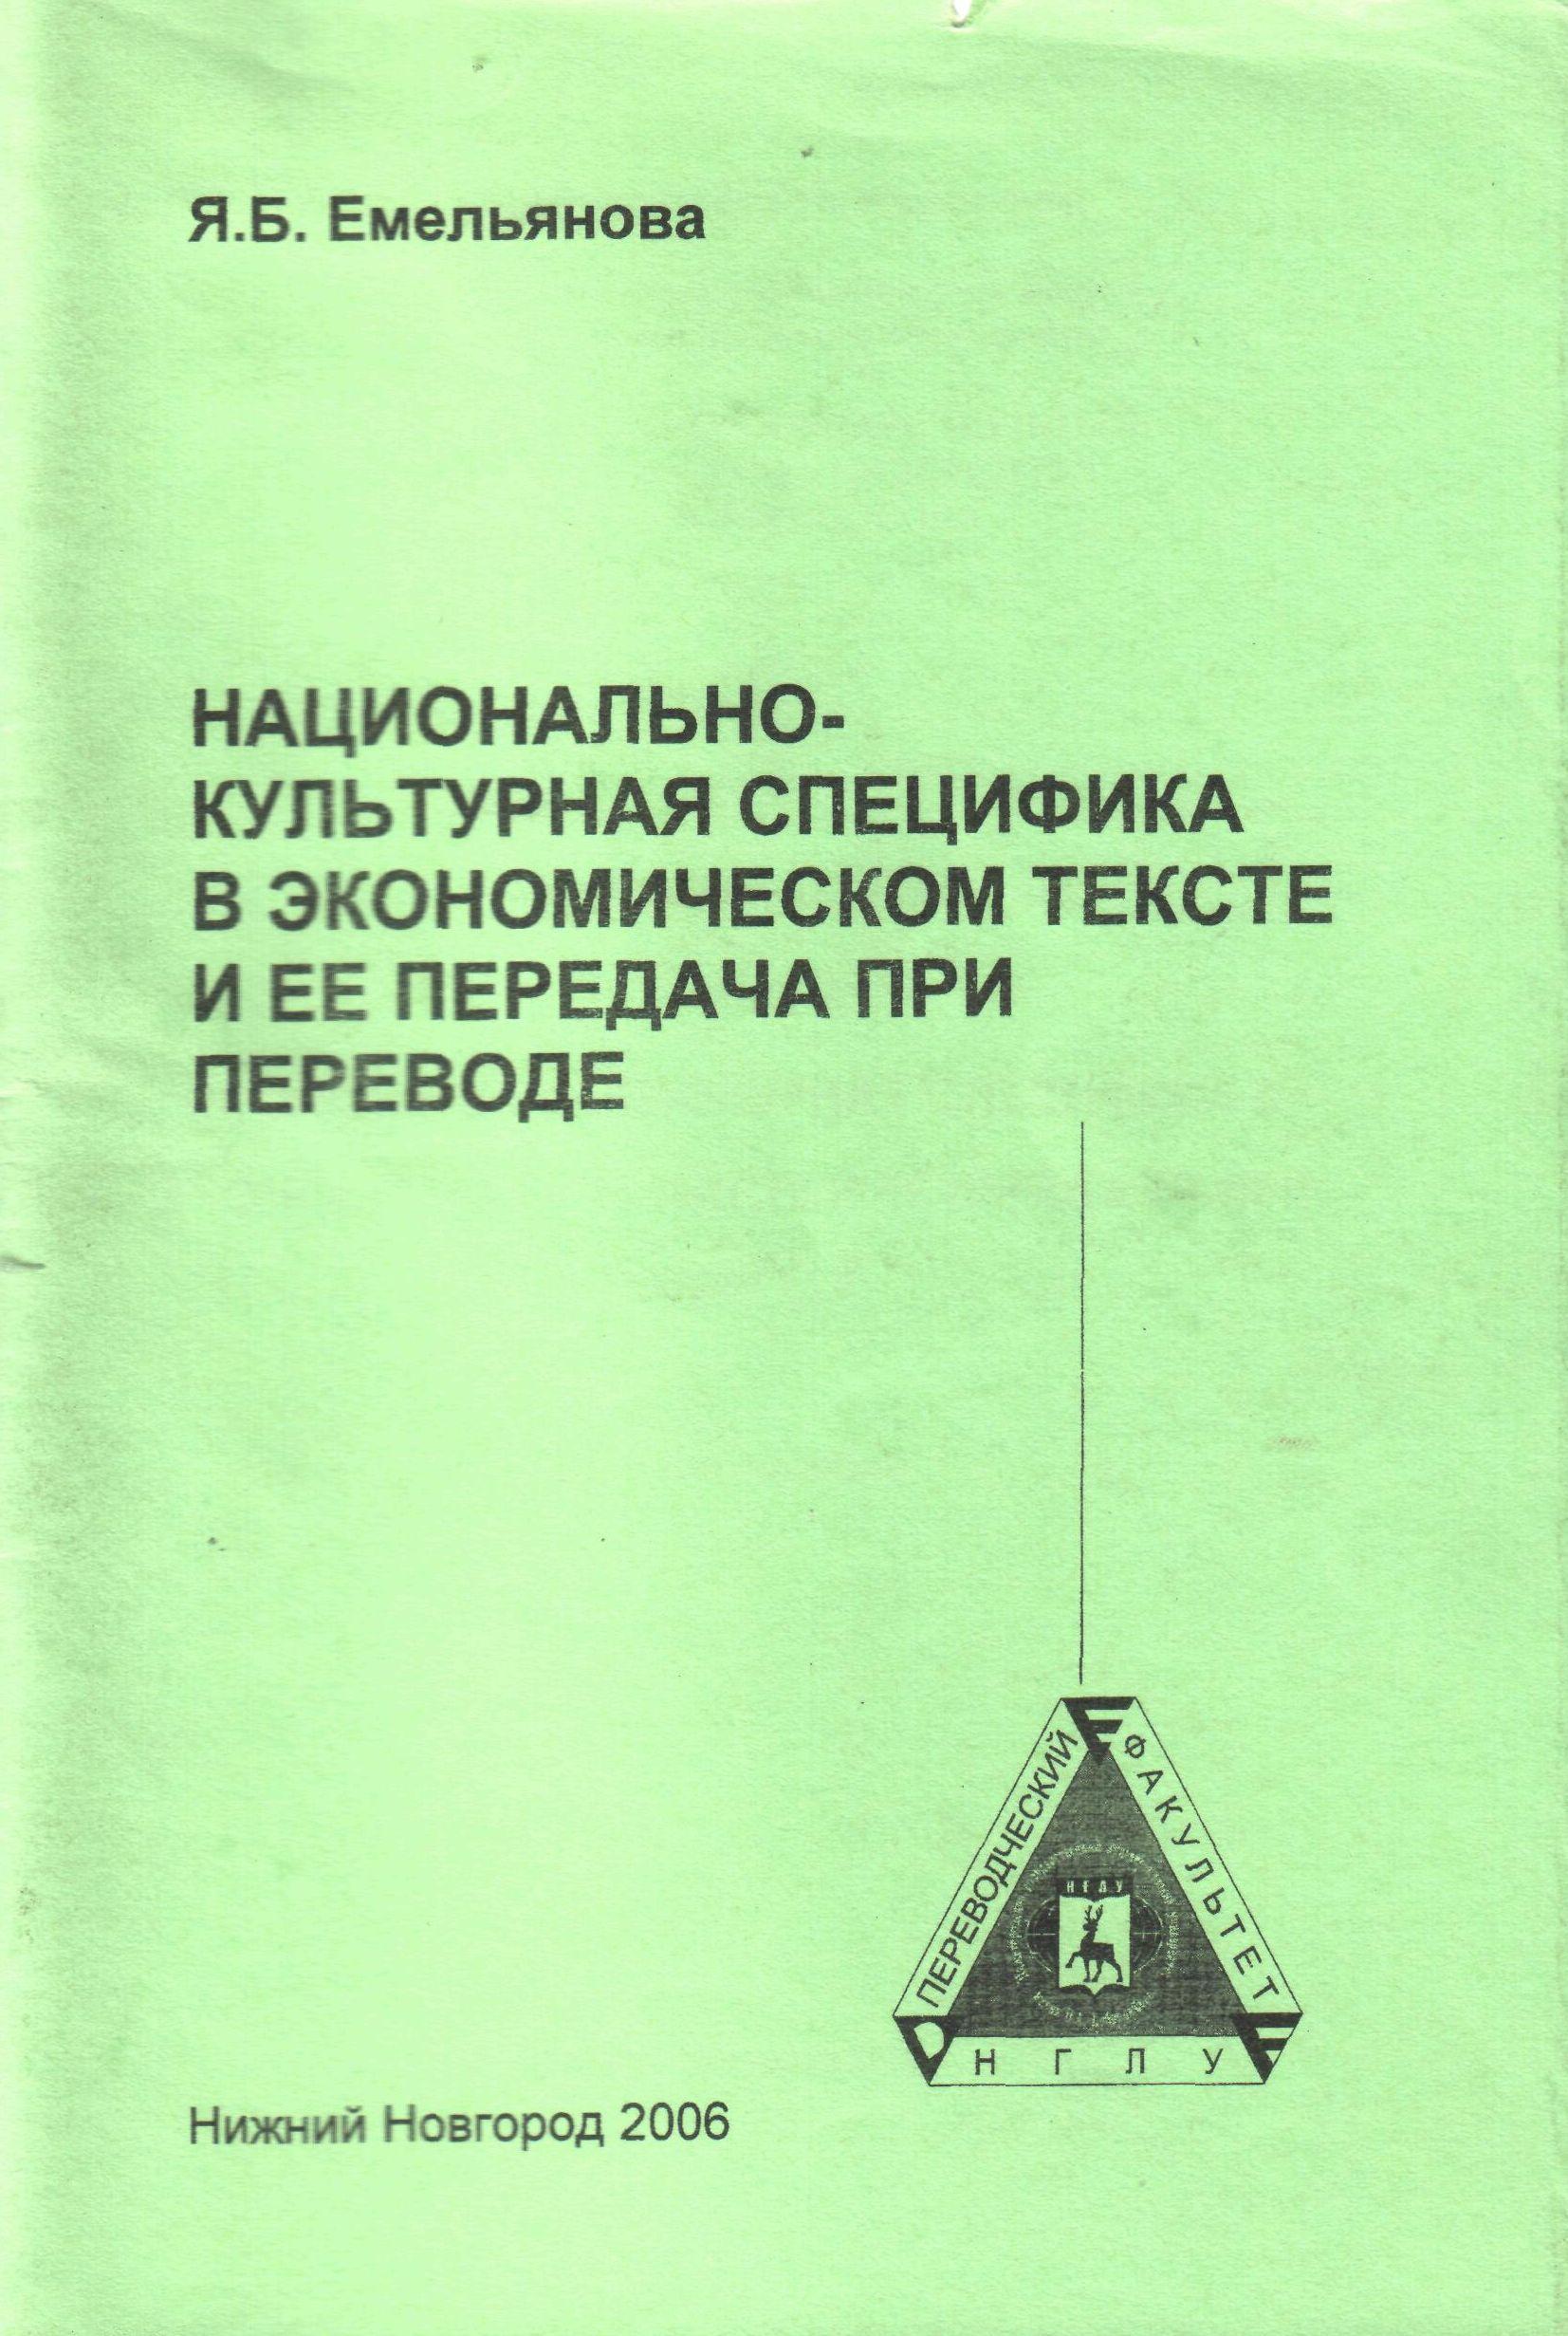 Национально-культурная специфика в экономическом тексте и ее передача при переводе